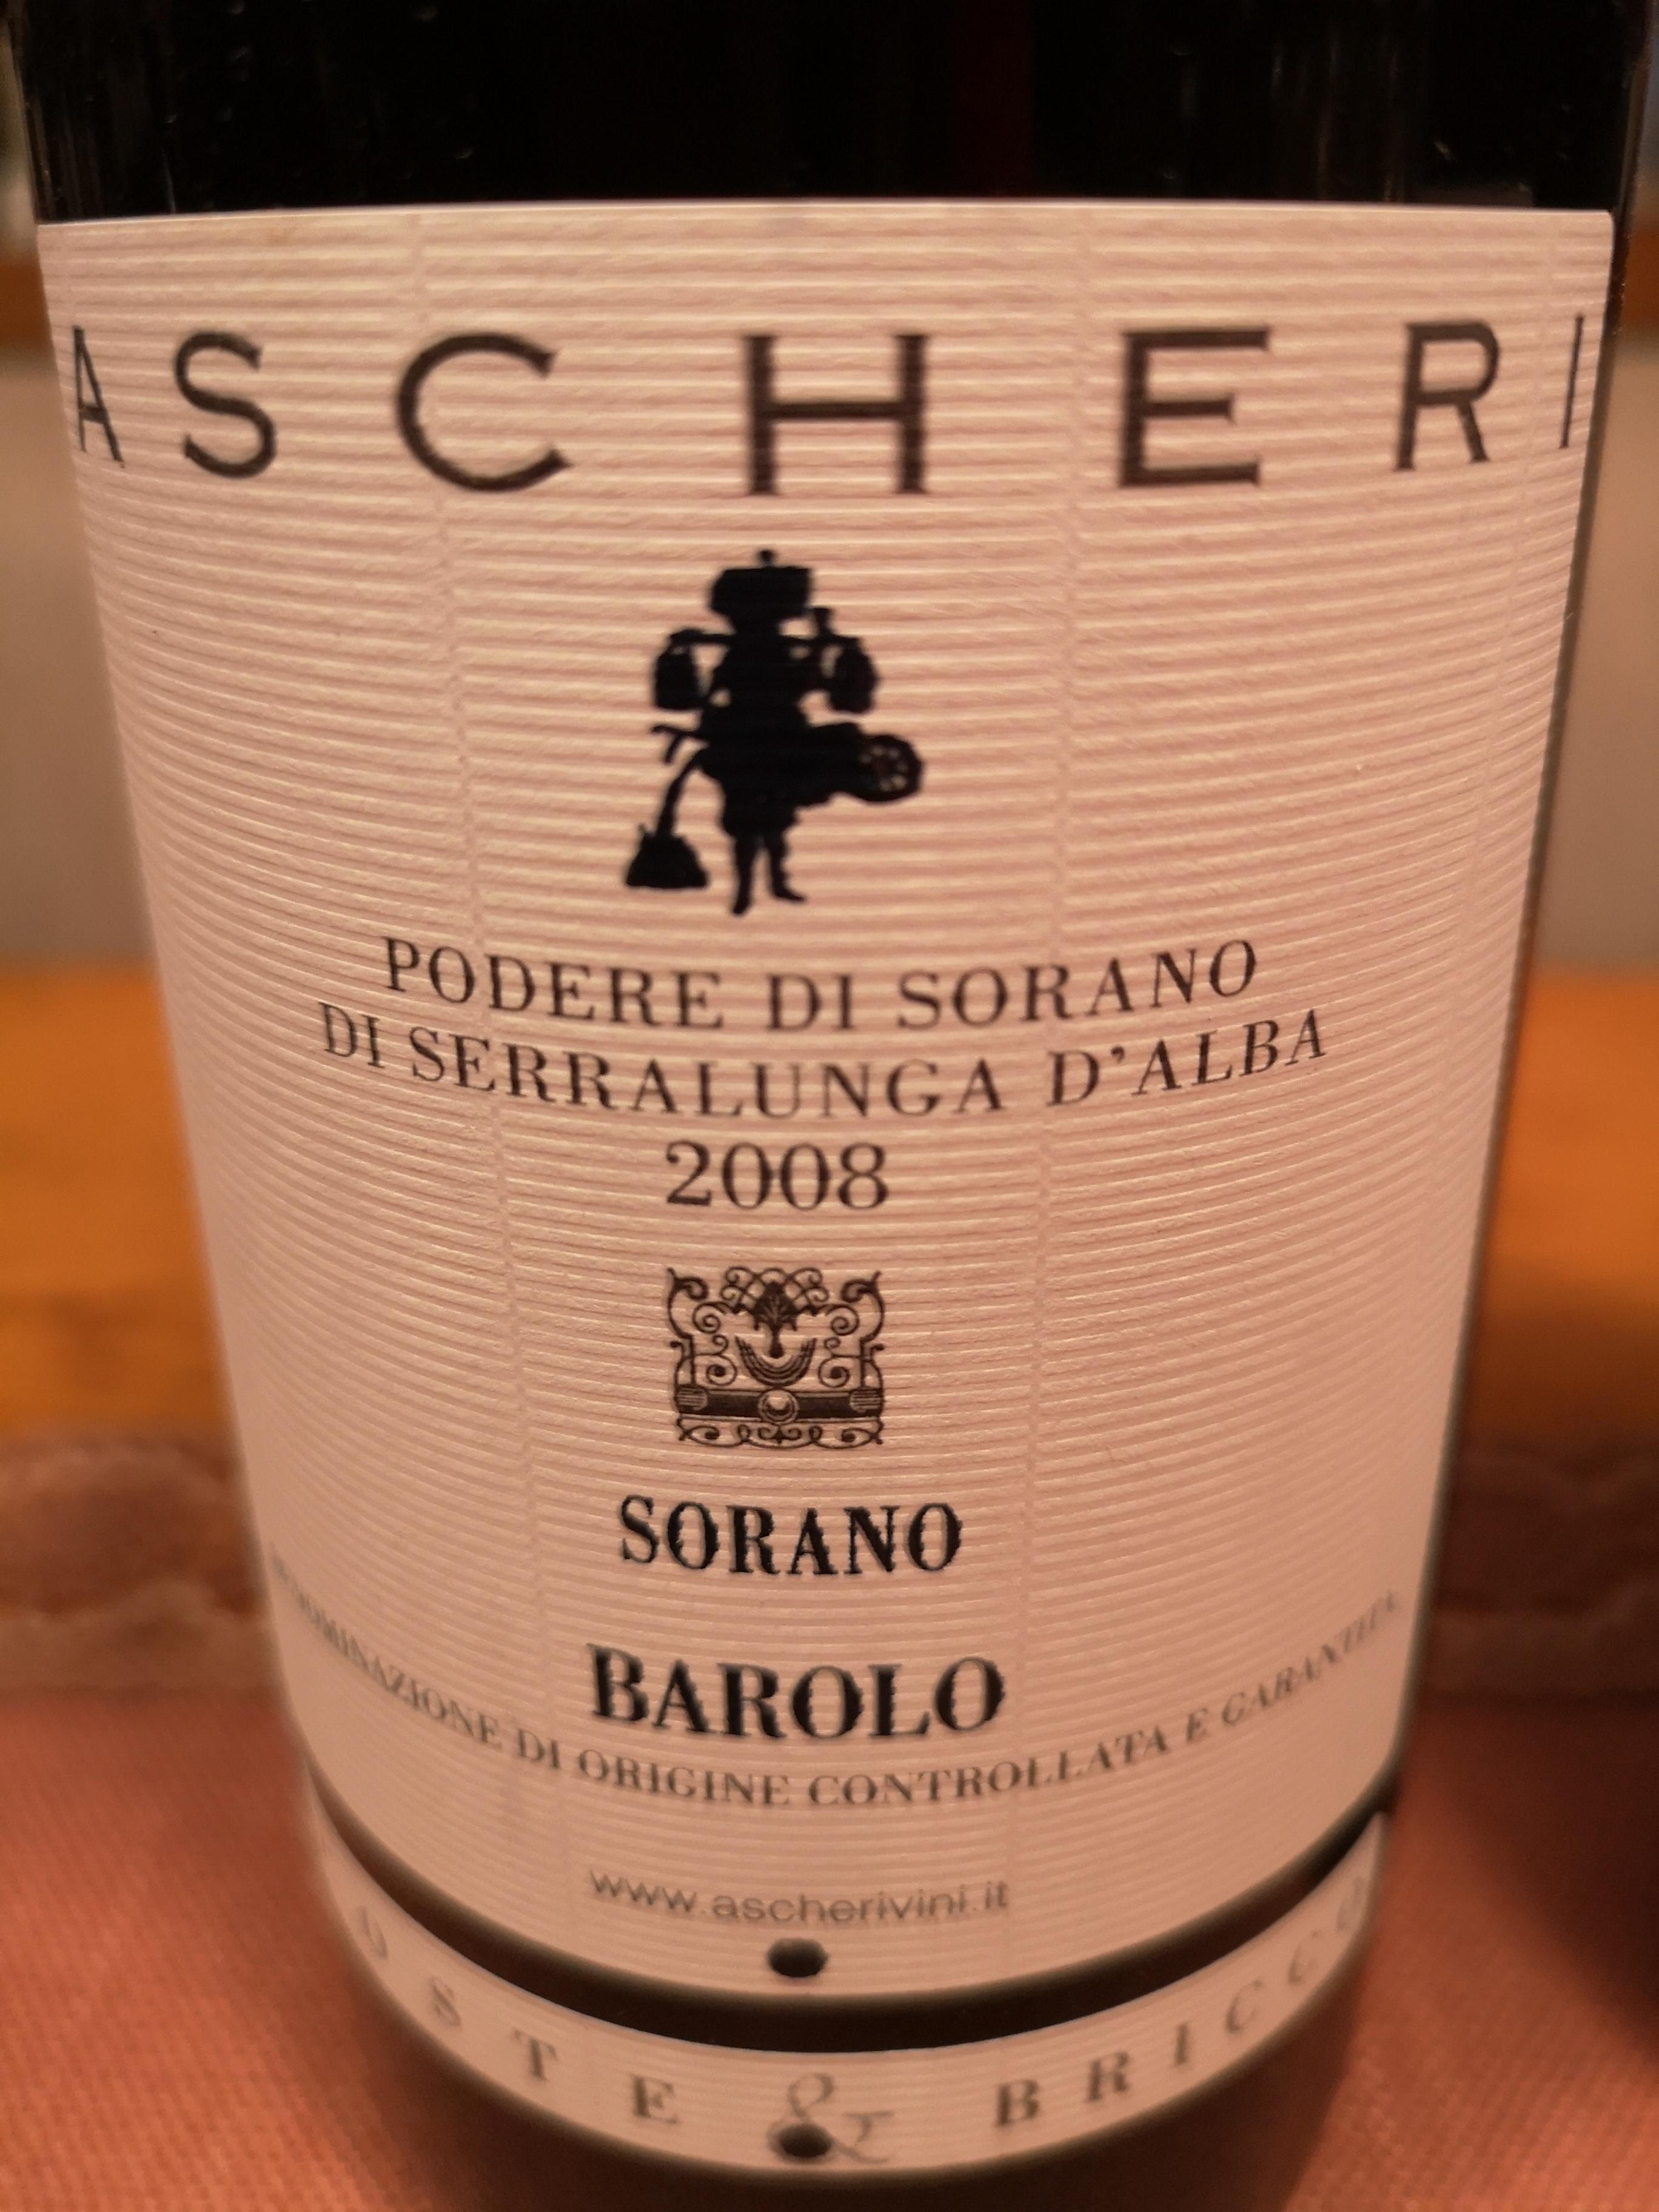 2008 Barolo Sorano Coste & Bricce | Ascheri